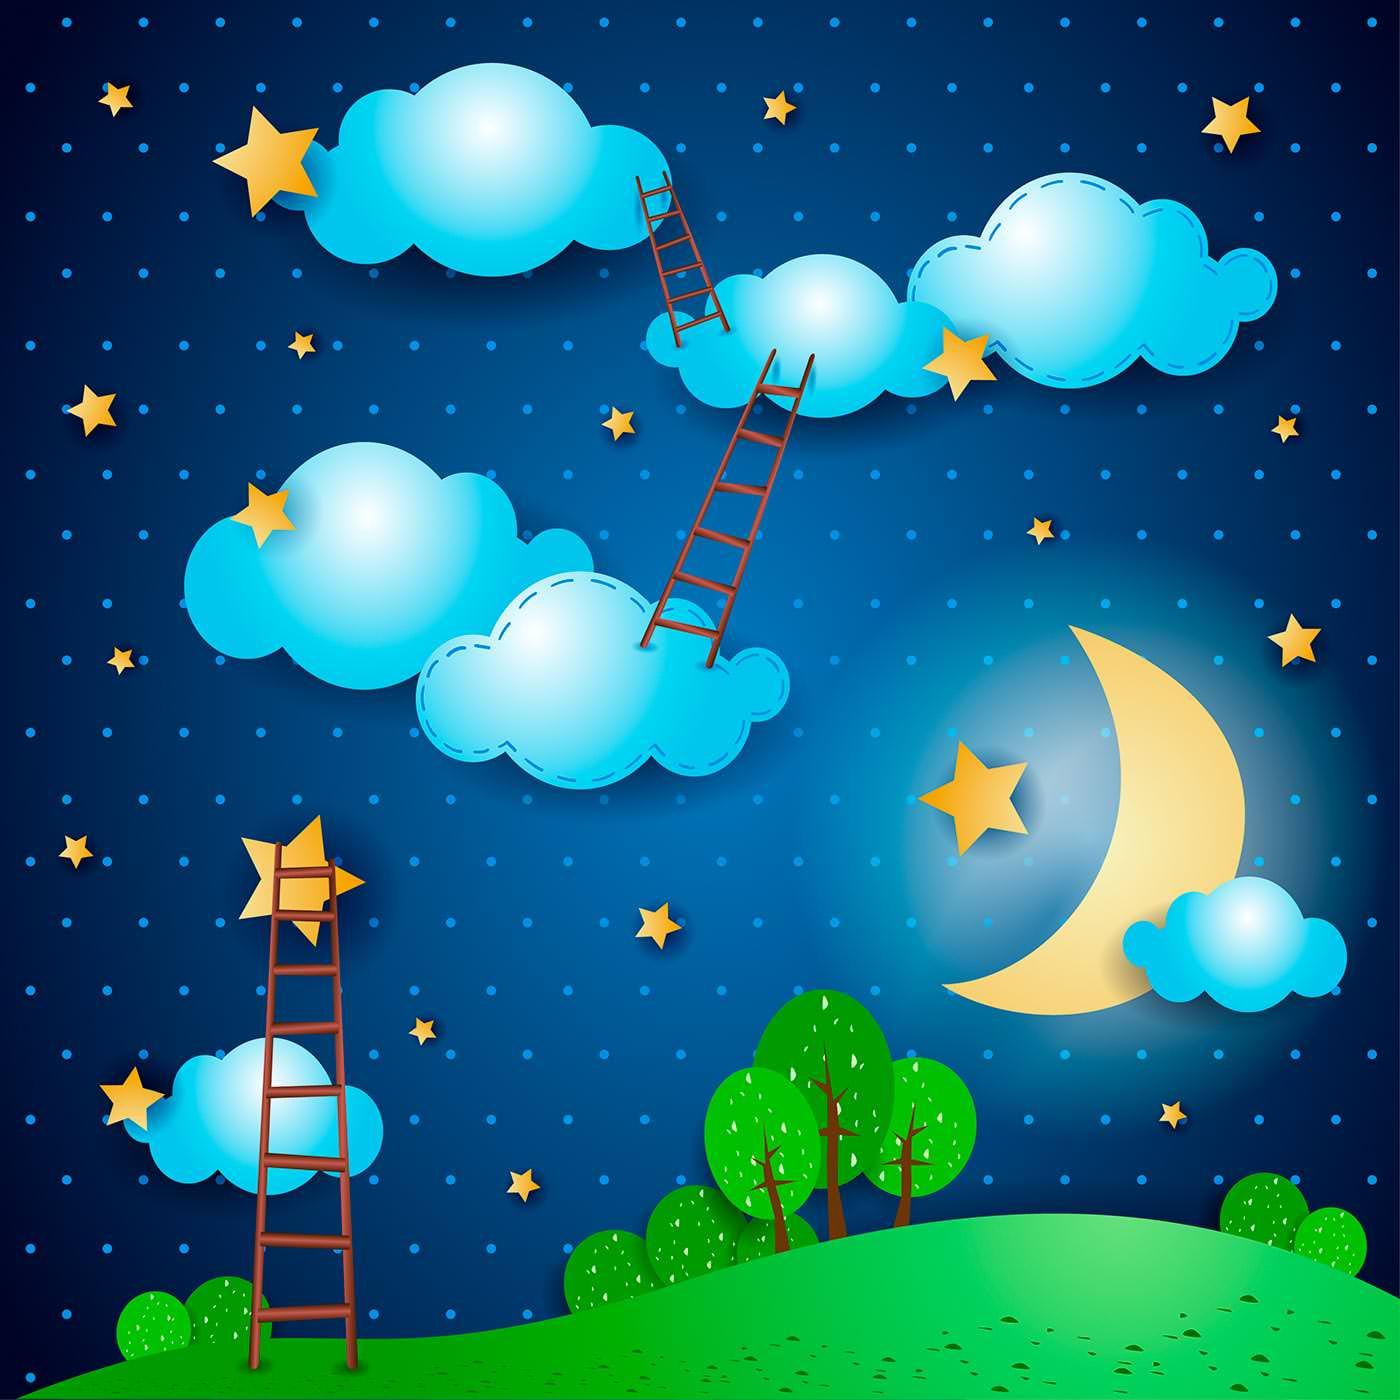 Ночь в картинках для детского сада, поздравления днем рождения